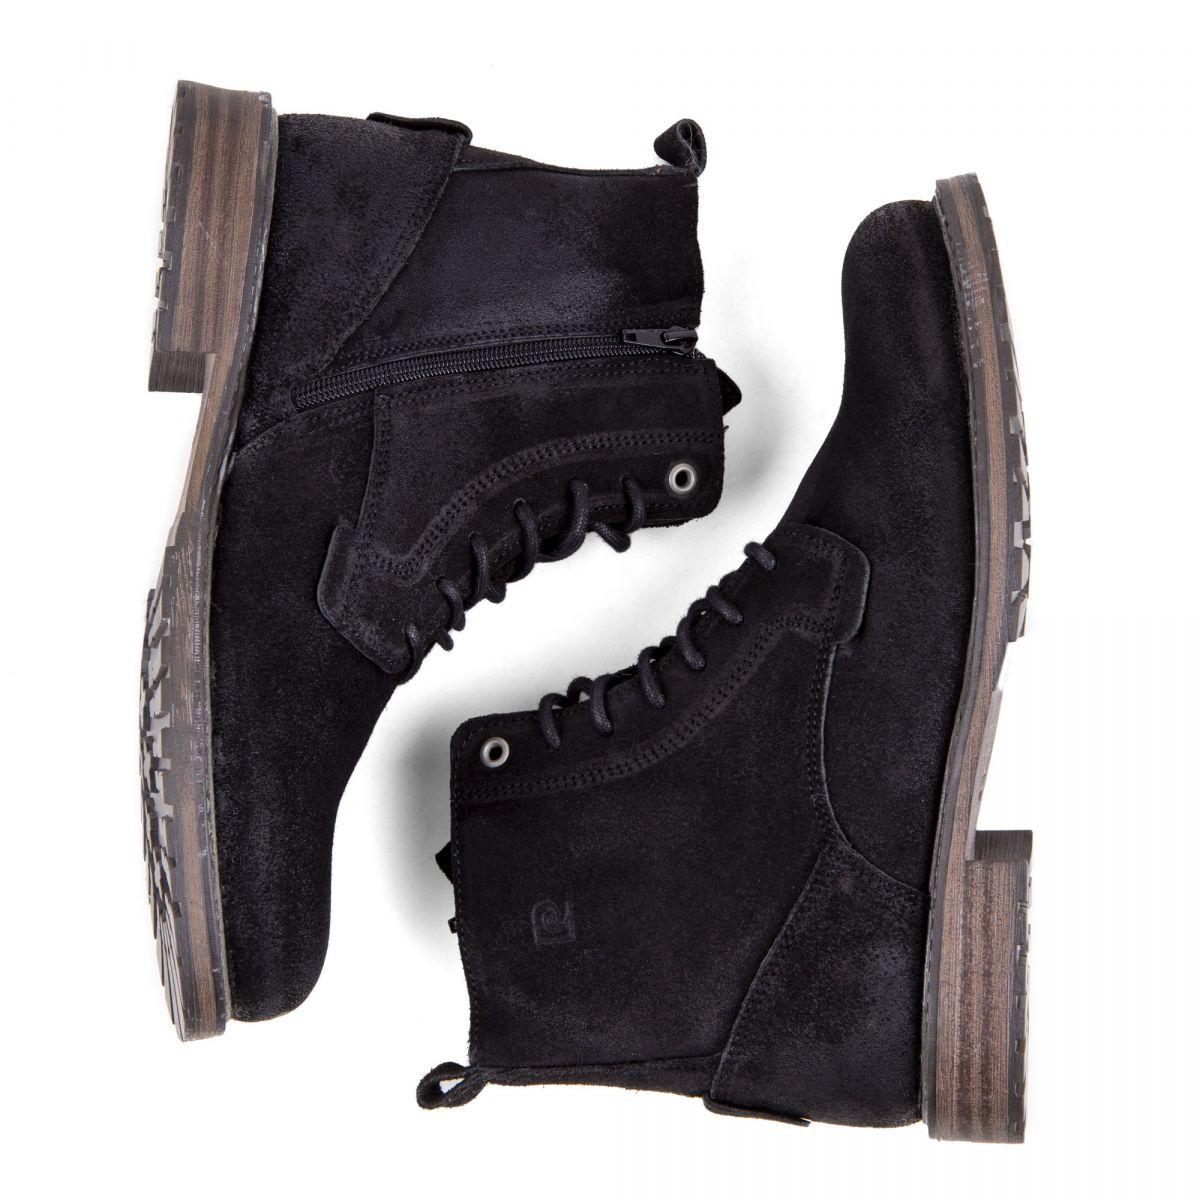 bf2c12de11f ... Chaussures Boots montantes noires cuir retourné Homme PIERRE CARDIN  marque pas cher prix dégriffés destockage ...